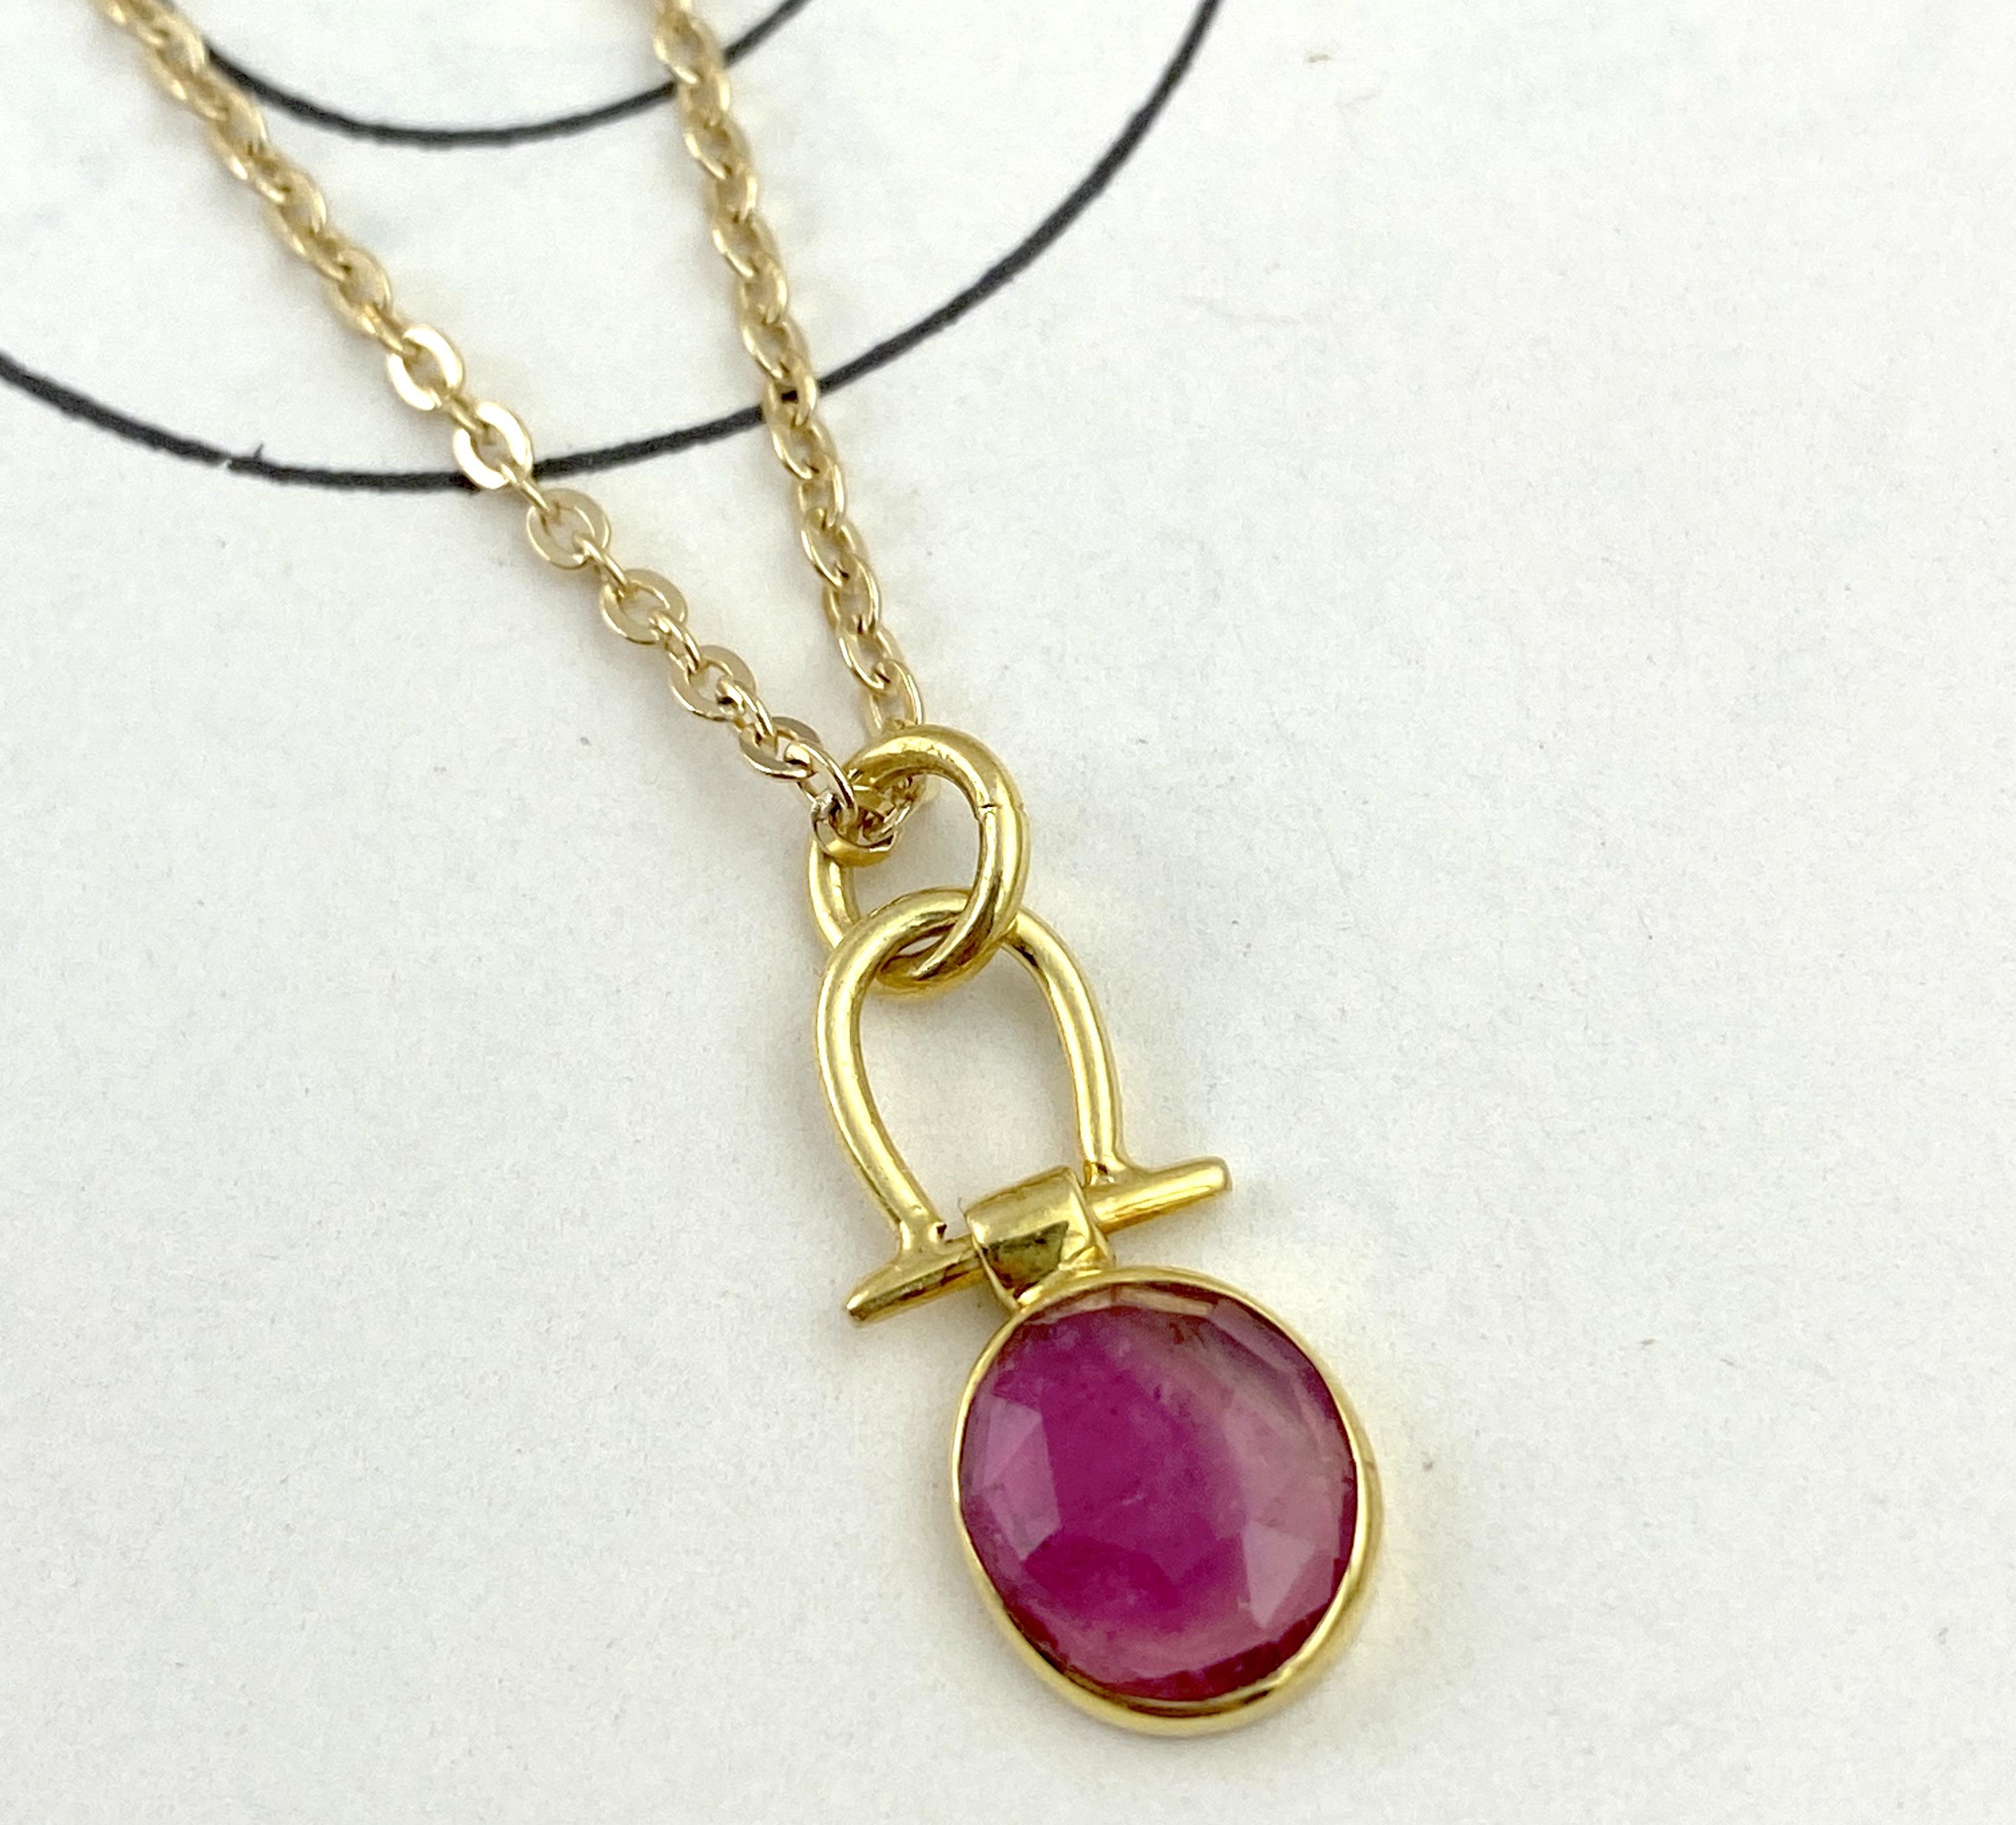 Jem's Jewelry